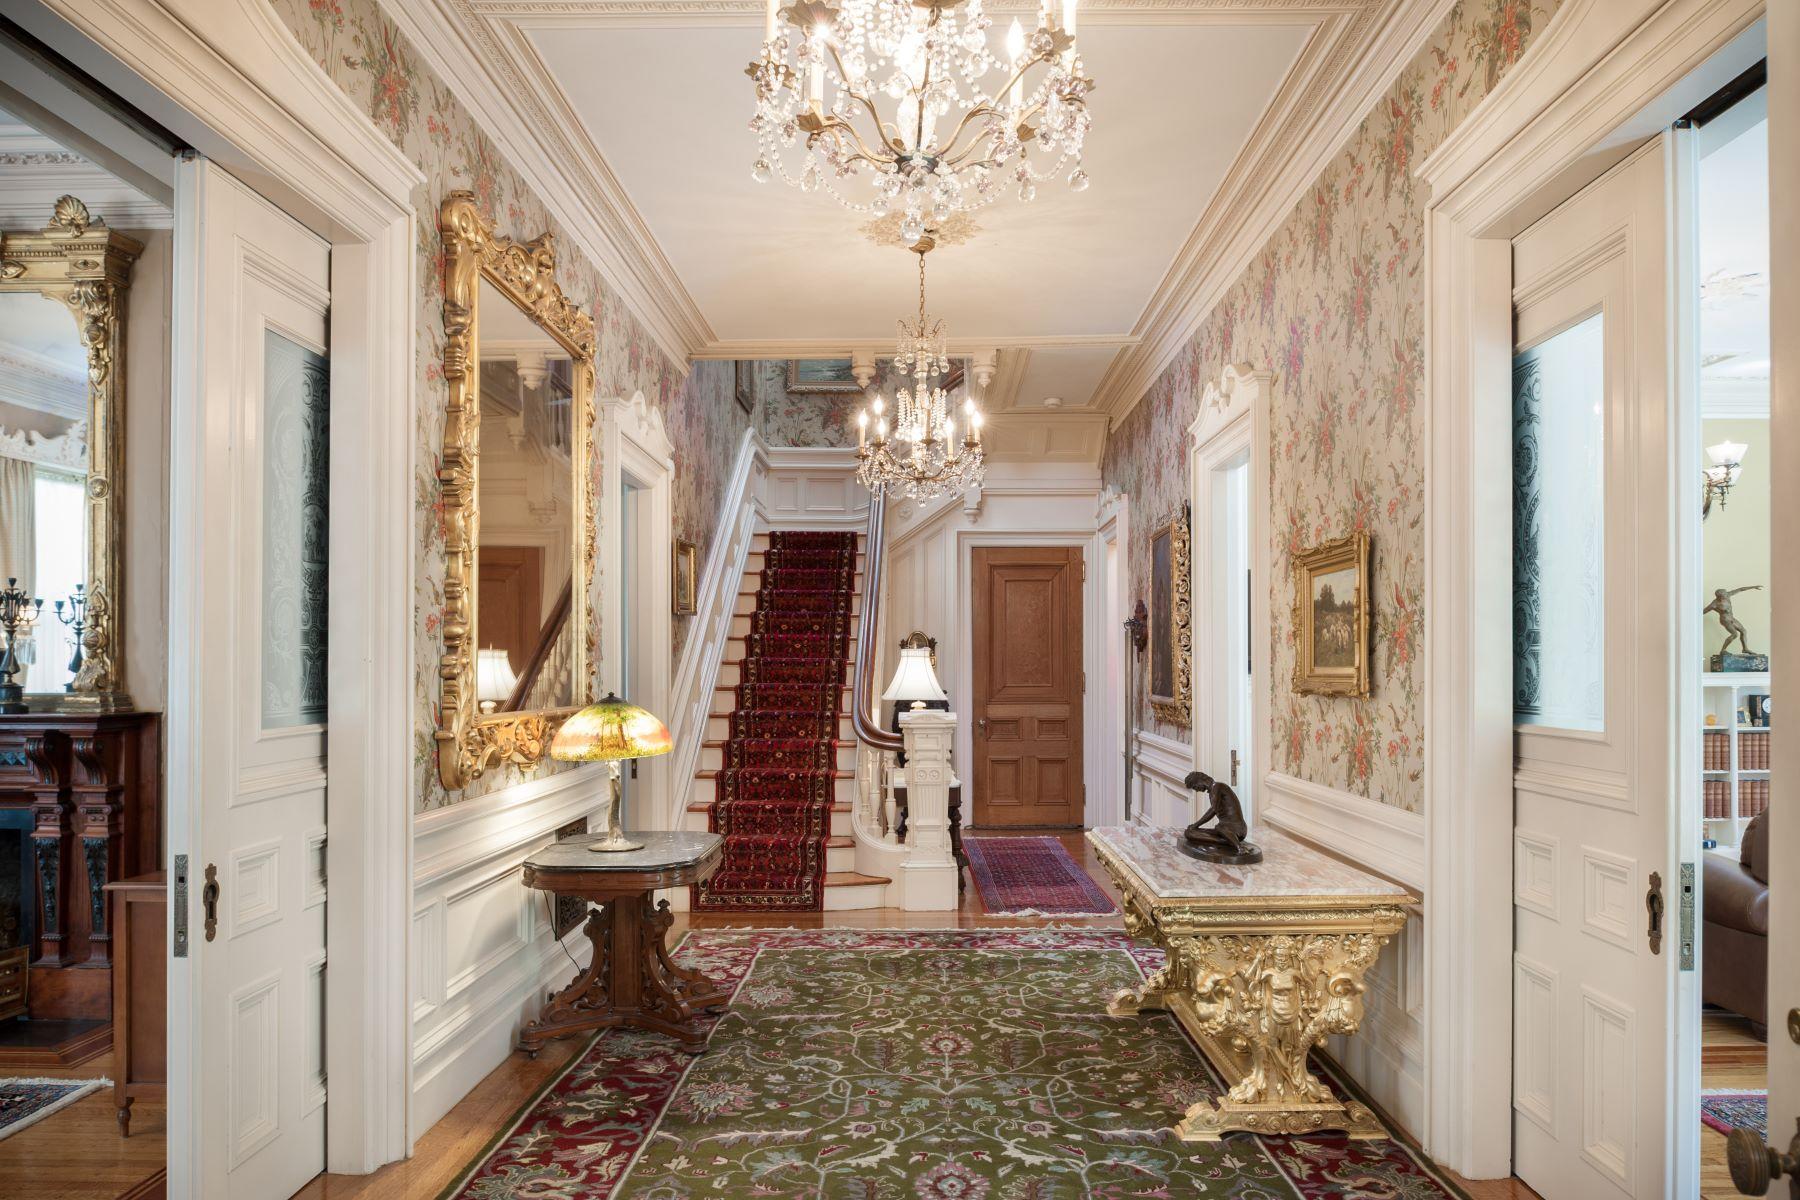 Maison unifamiliale pour l Vente à 103 Prospect St, East Side Of Prov, RI College Hill, Providence, Rhode Island, 02906 États-Unis